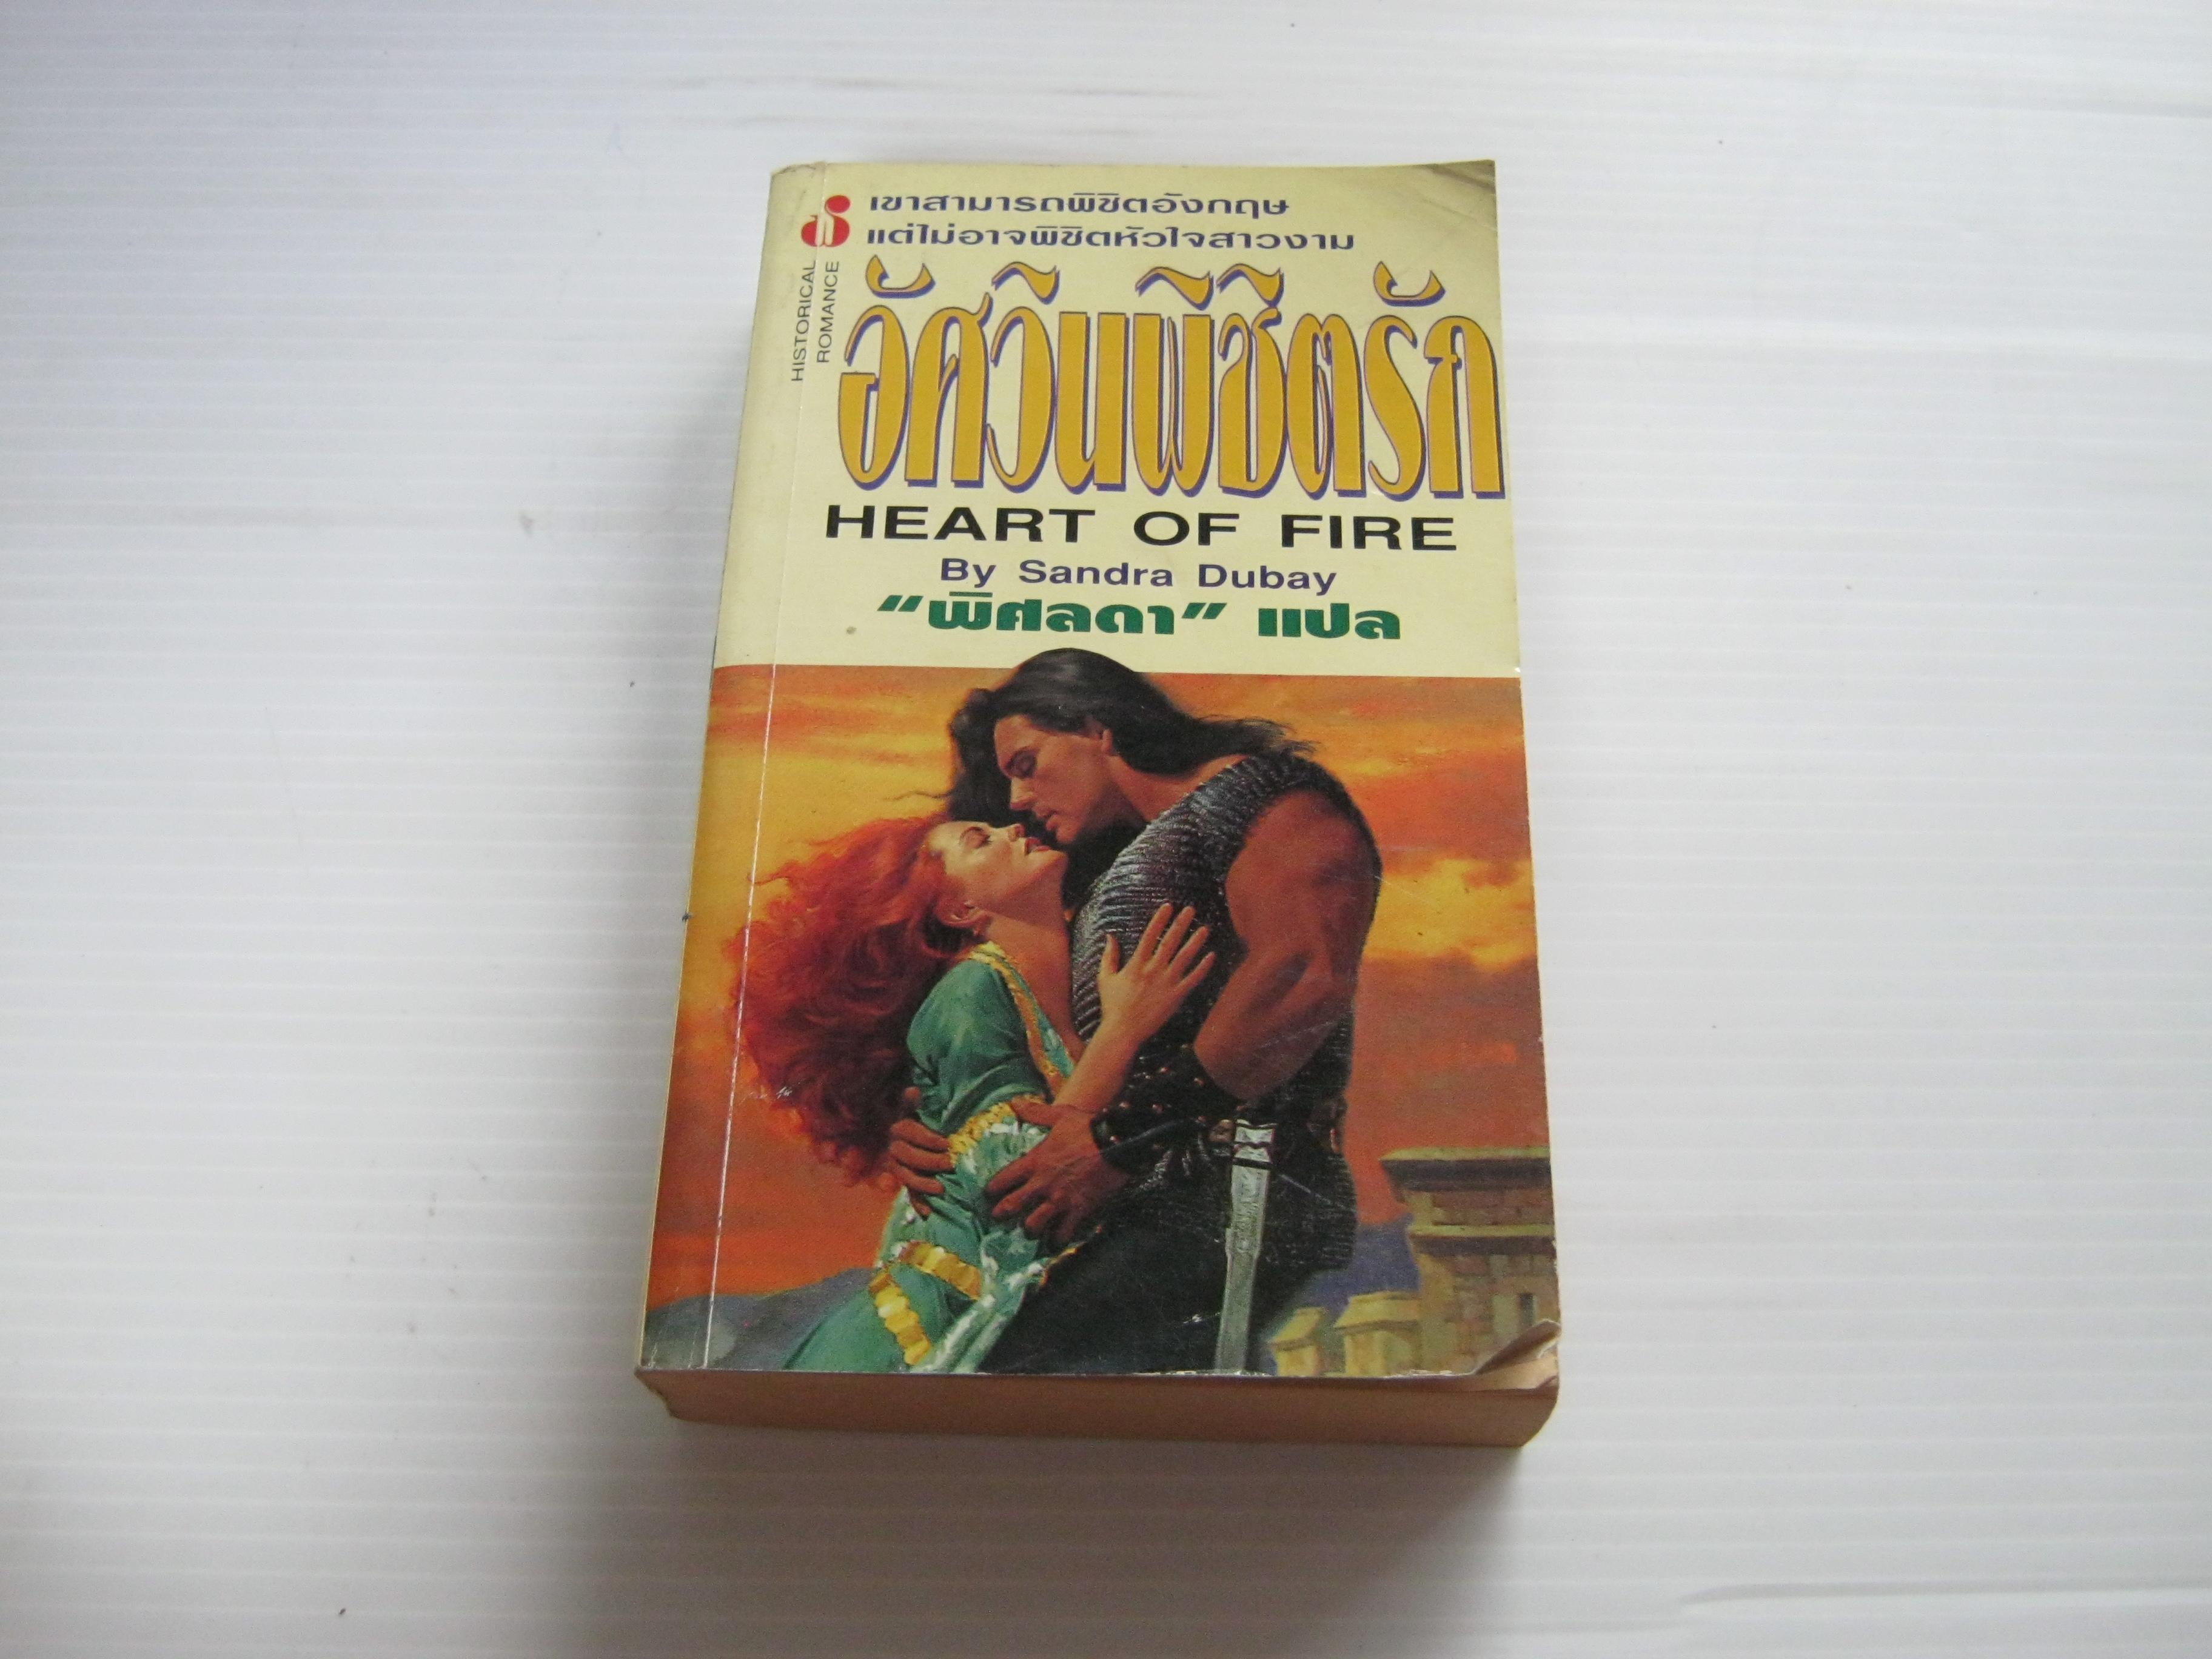 อัศวินพิชิตรัก (Heart of Fire) Sandra Dubay เขียน พิศลดา แปล